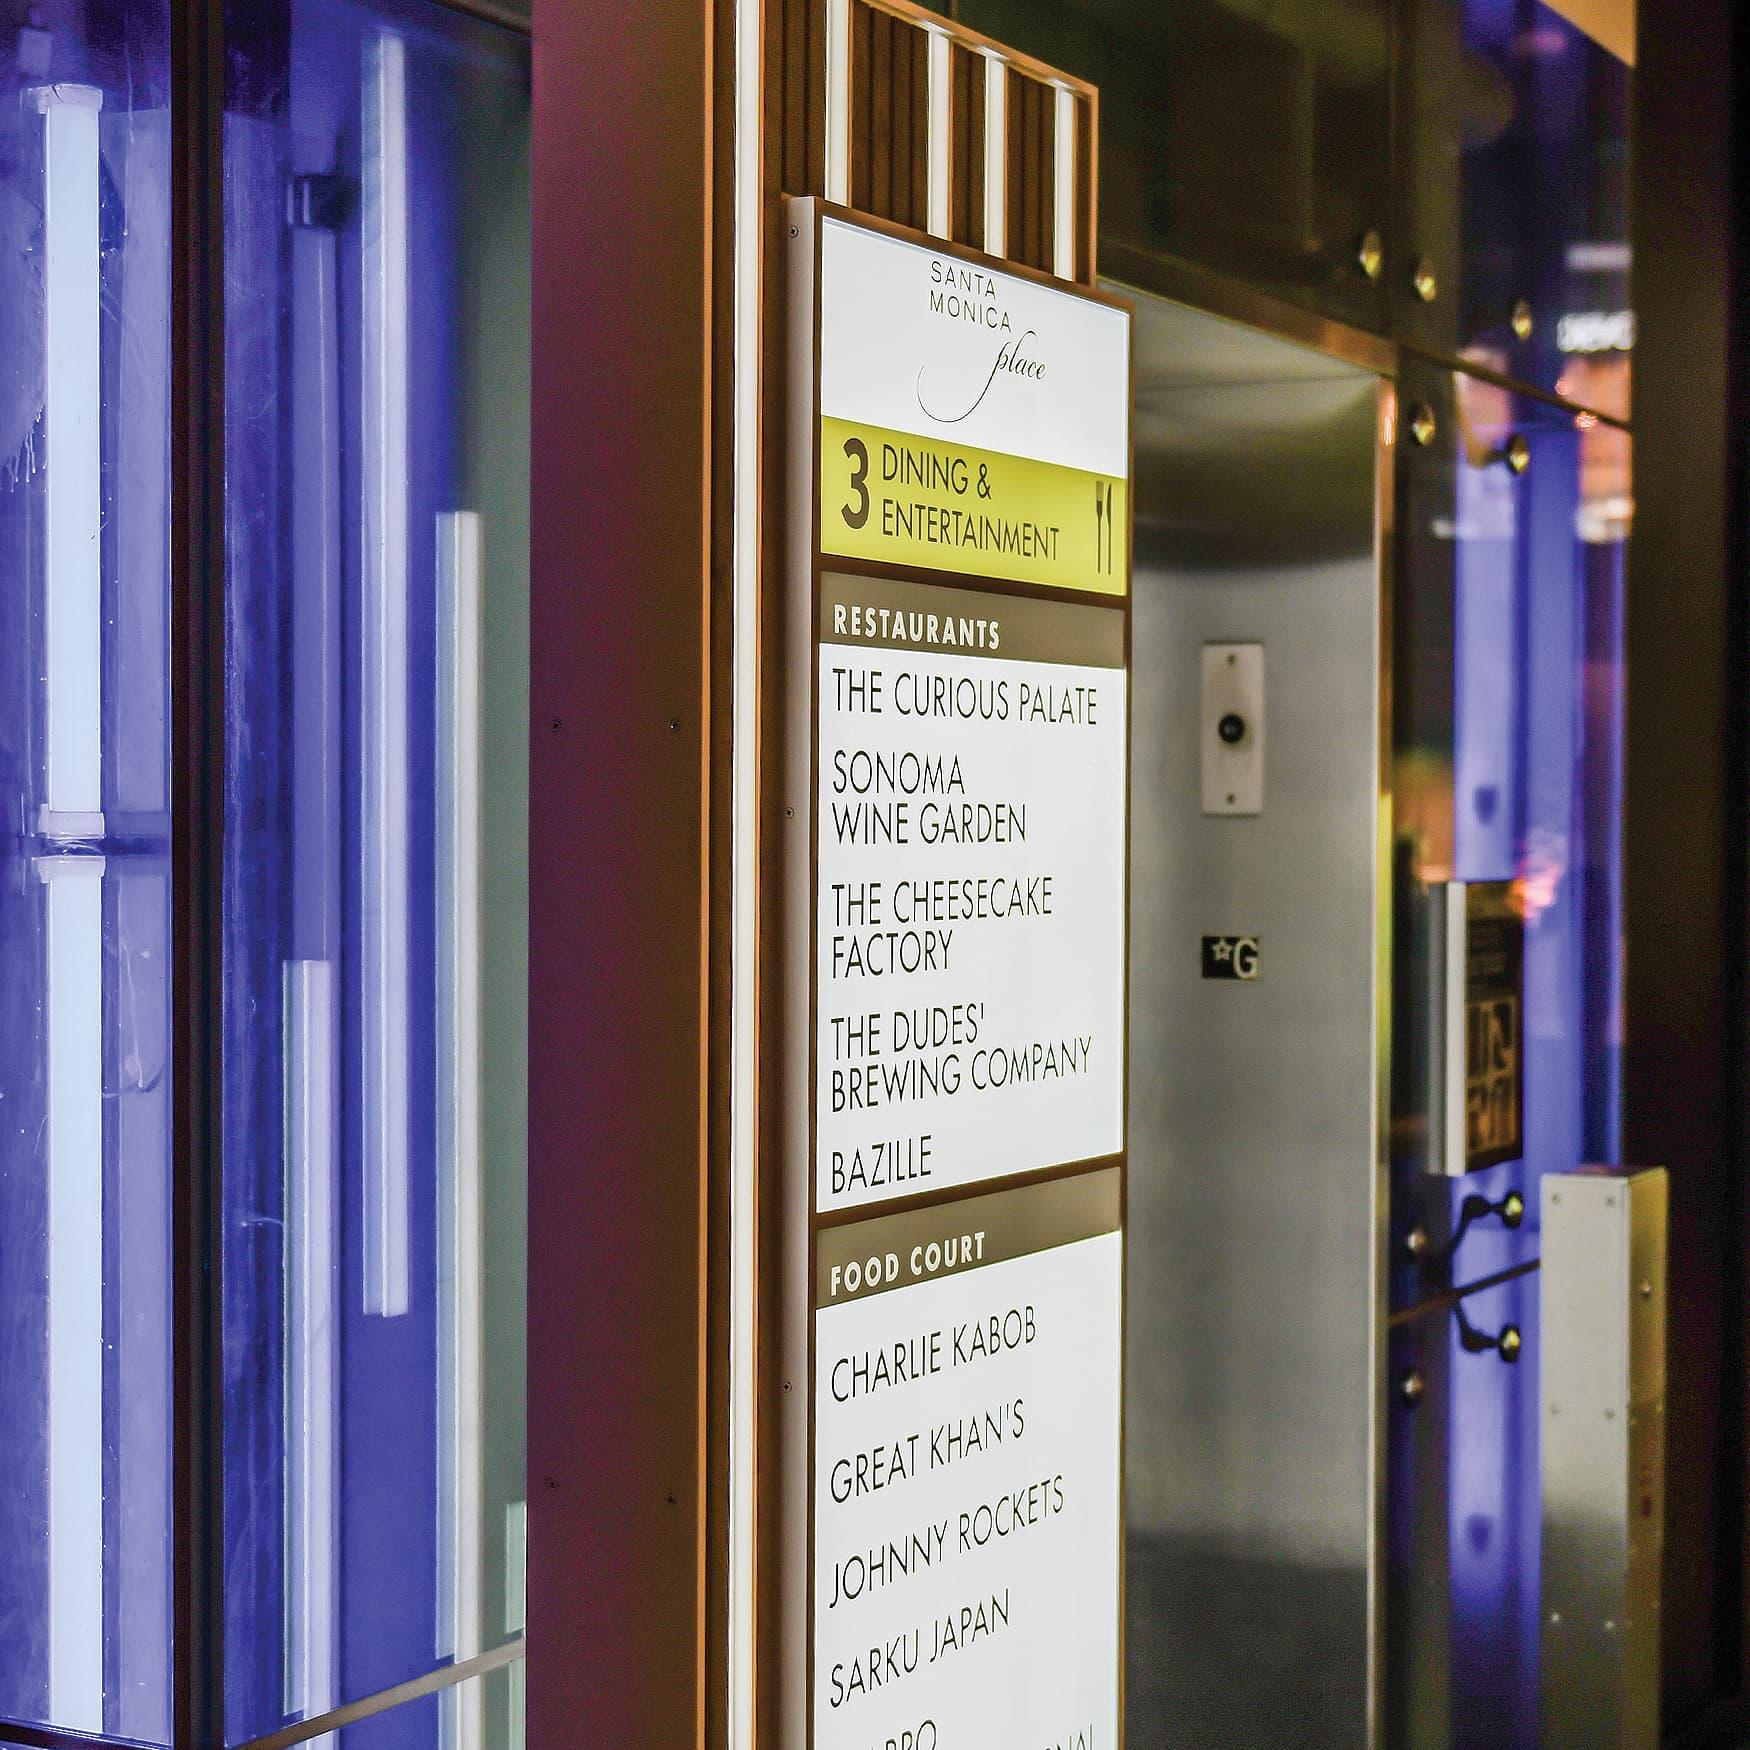 A retail directory sign illuminated at night at Santa Monica Place.